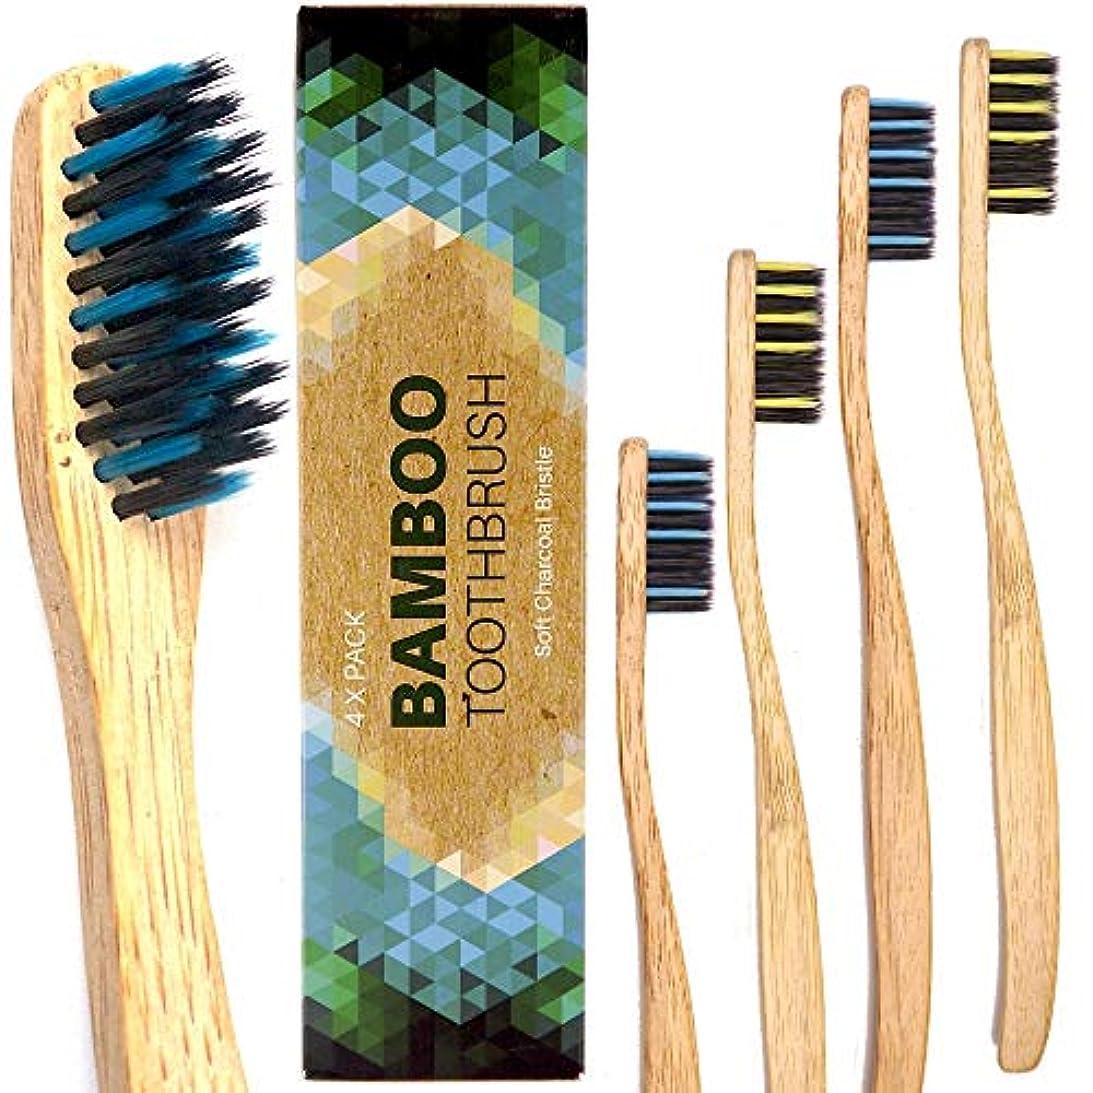 ビジョン再発する凶暴な竹製歯ブラシ。チャコールブリストル大人 - ミディアム及びソフト、生分解性、ビーガン、バイオ、エコ、持続可能な木製ハンドル4本パック4 Bamboo Toothbrushes, ホワイトニング 歯, ドイツの品質, 竹歯ブラシ